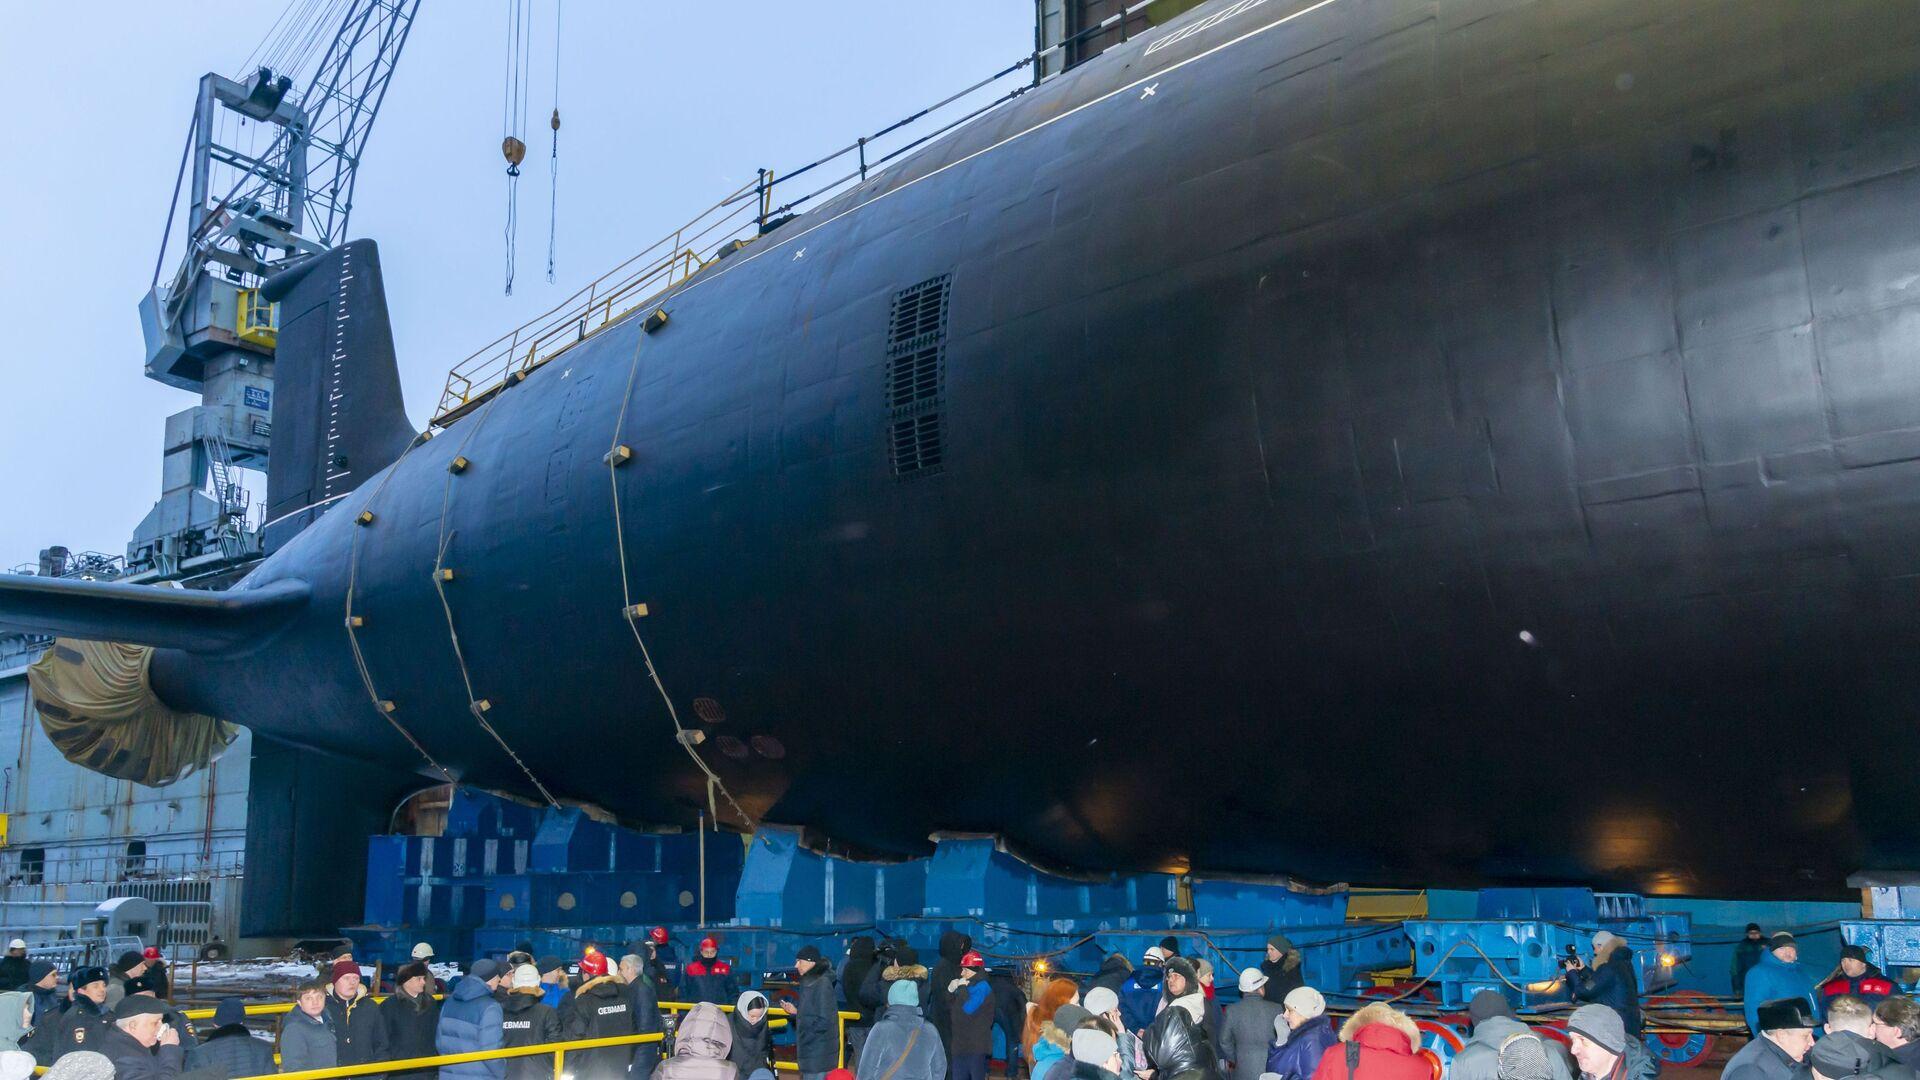 La cérémonie de mise à l'eau d'un sous-marin du projet Iassen-M à Severodvinsk (archive photo) - Sputnik France, 1920, 24.09.2021